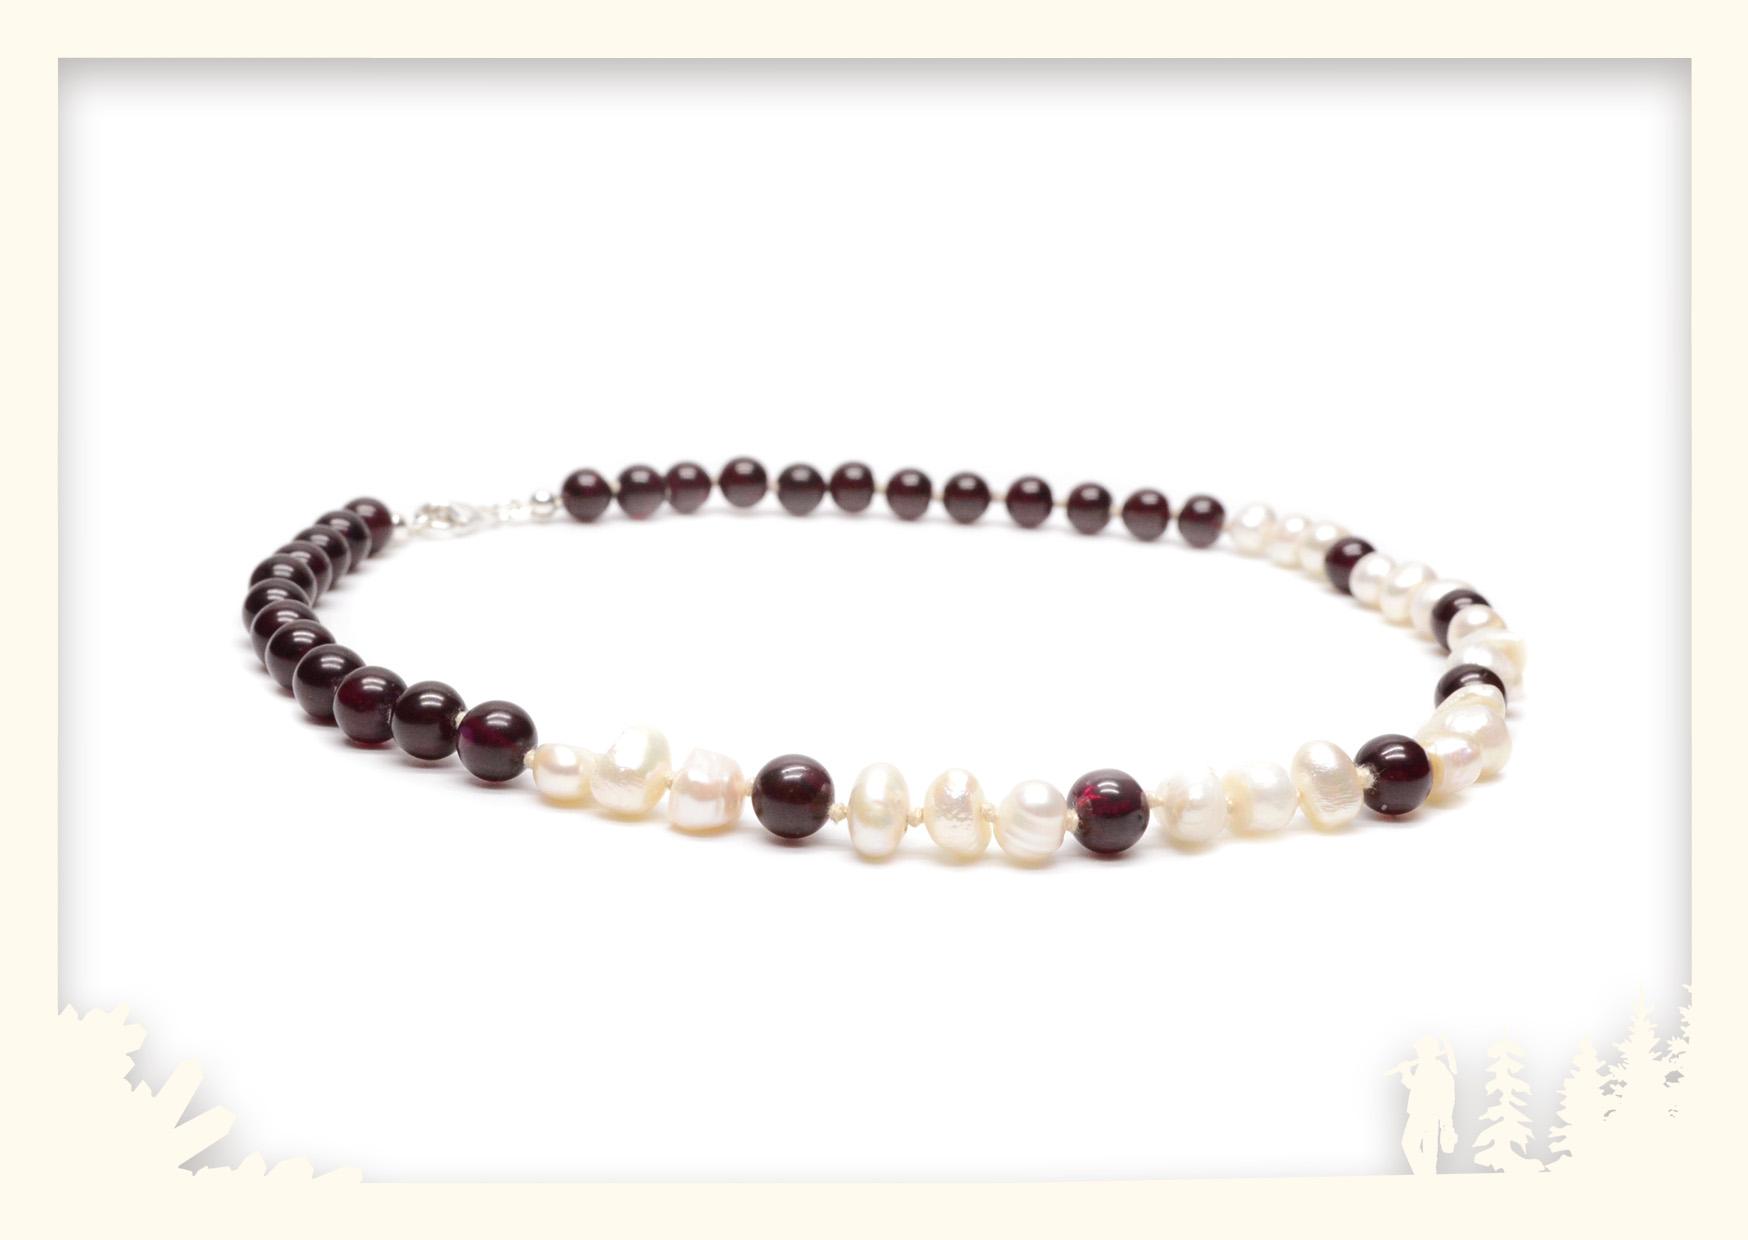 Perlenkette mit Granat Image